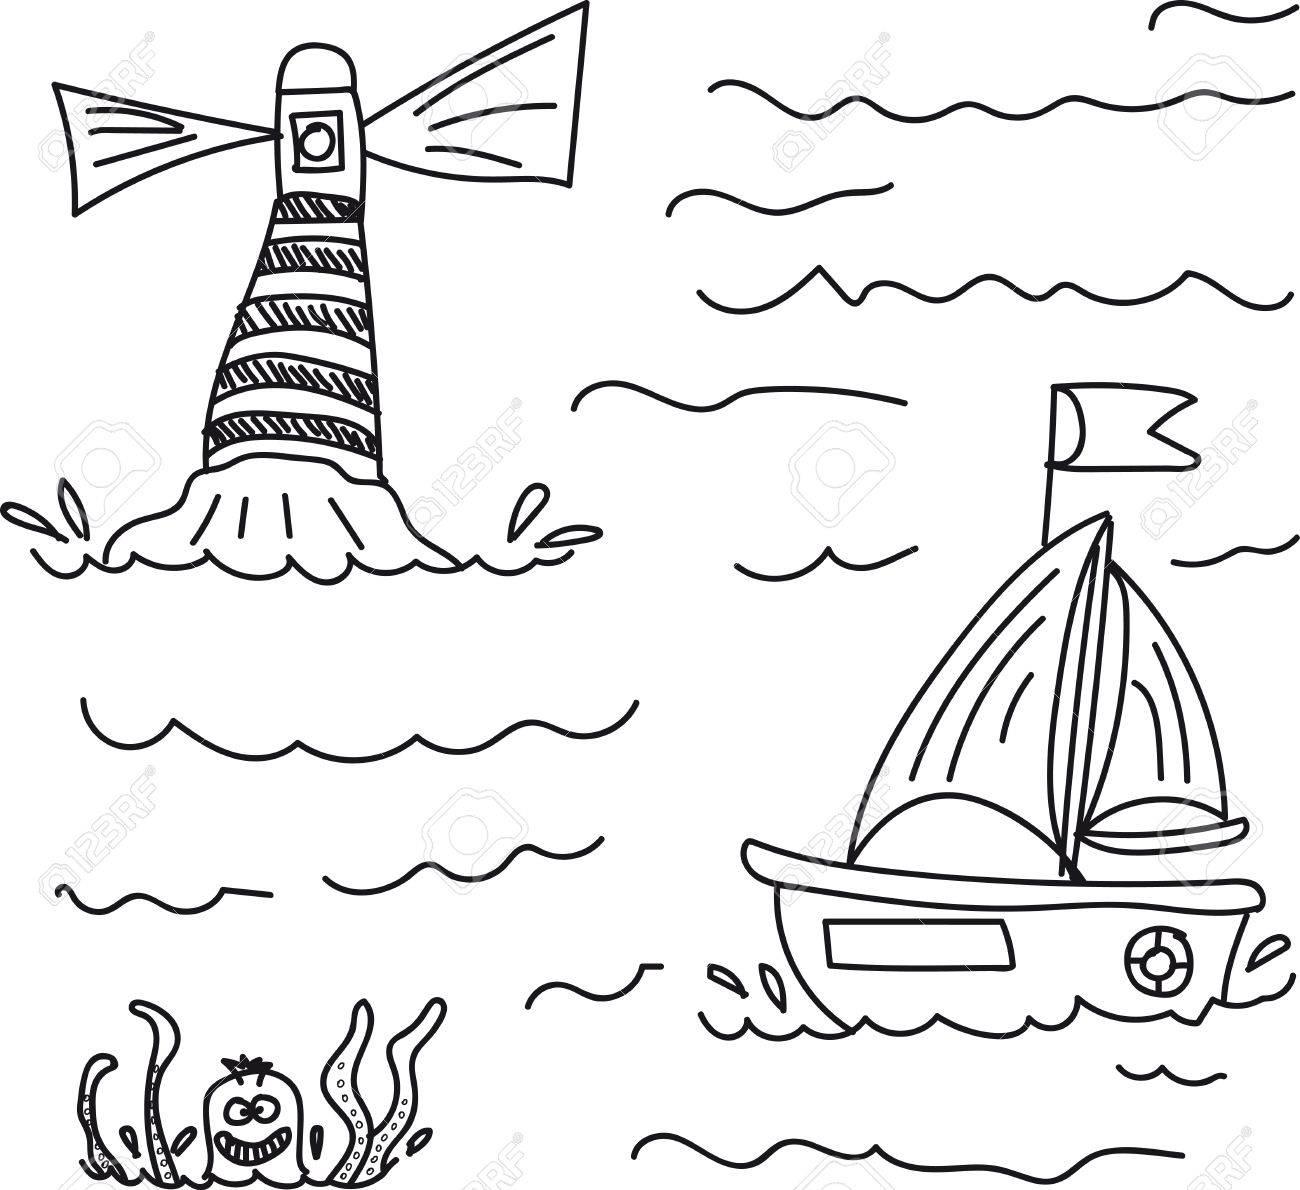 Vettoriale La Barca A Mare Oltre Il Faro In Acqua Si è Minacciato